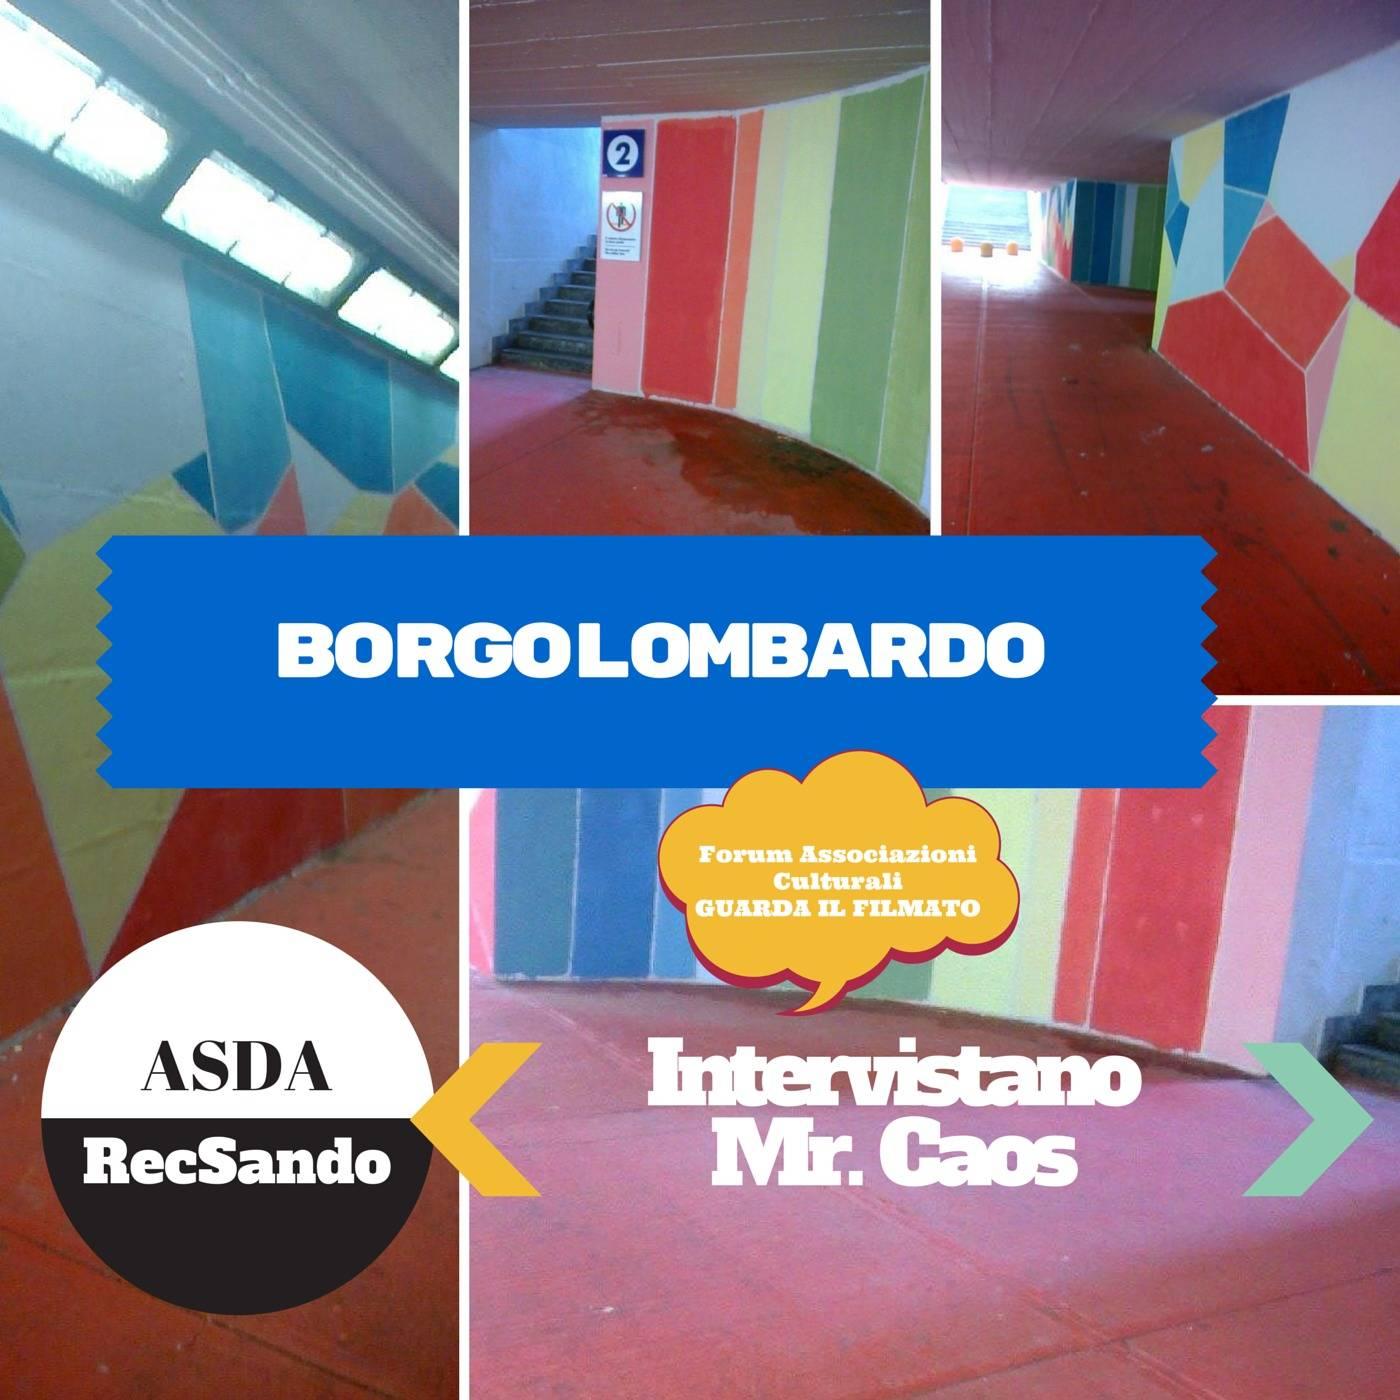 01890_cover_borgolombardo_01